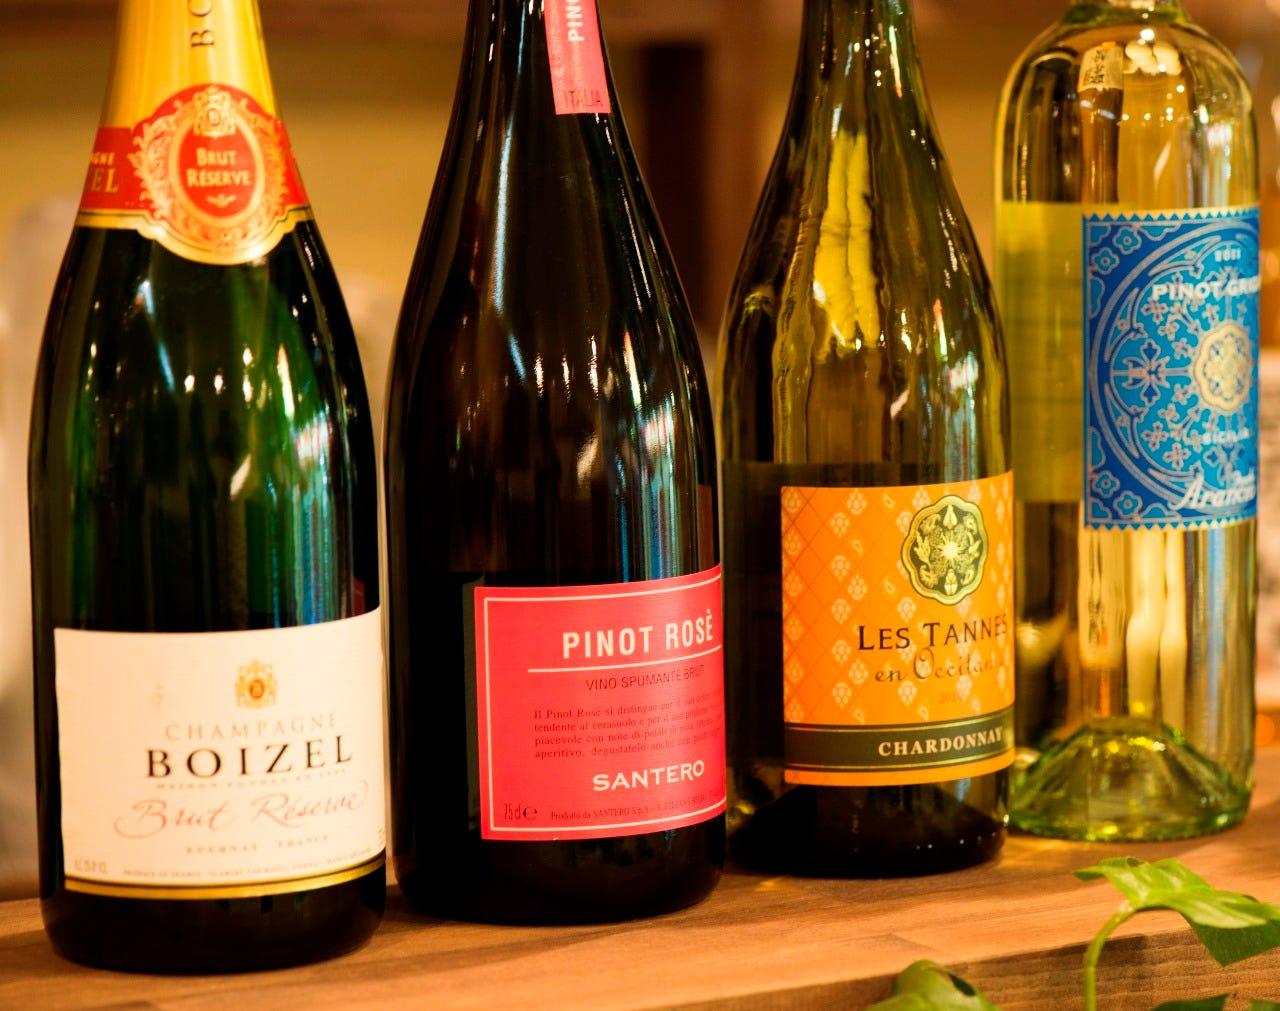 こだわりワインとよく合うイタリアン